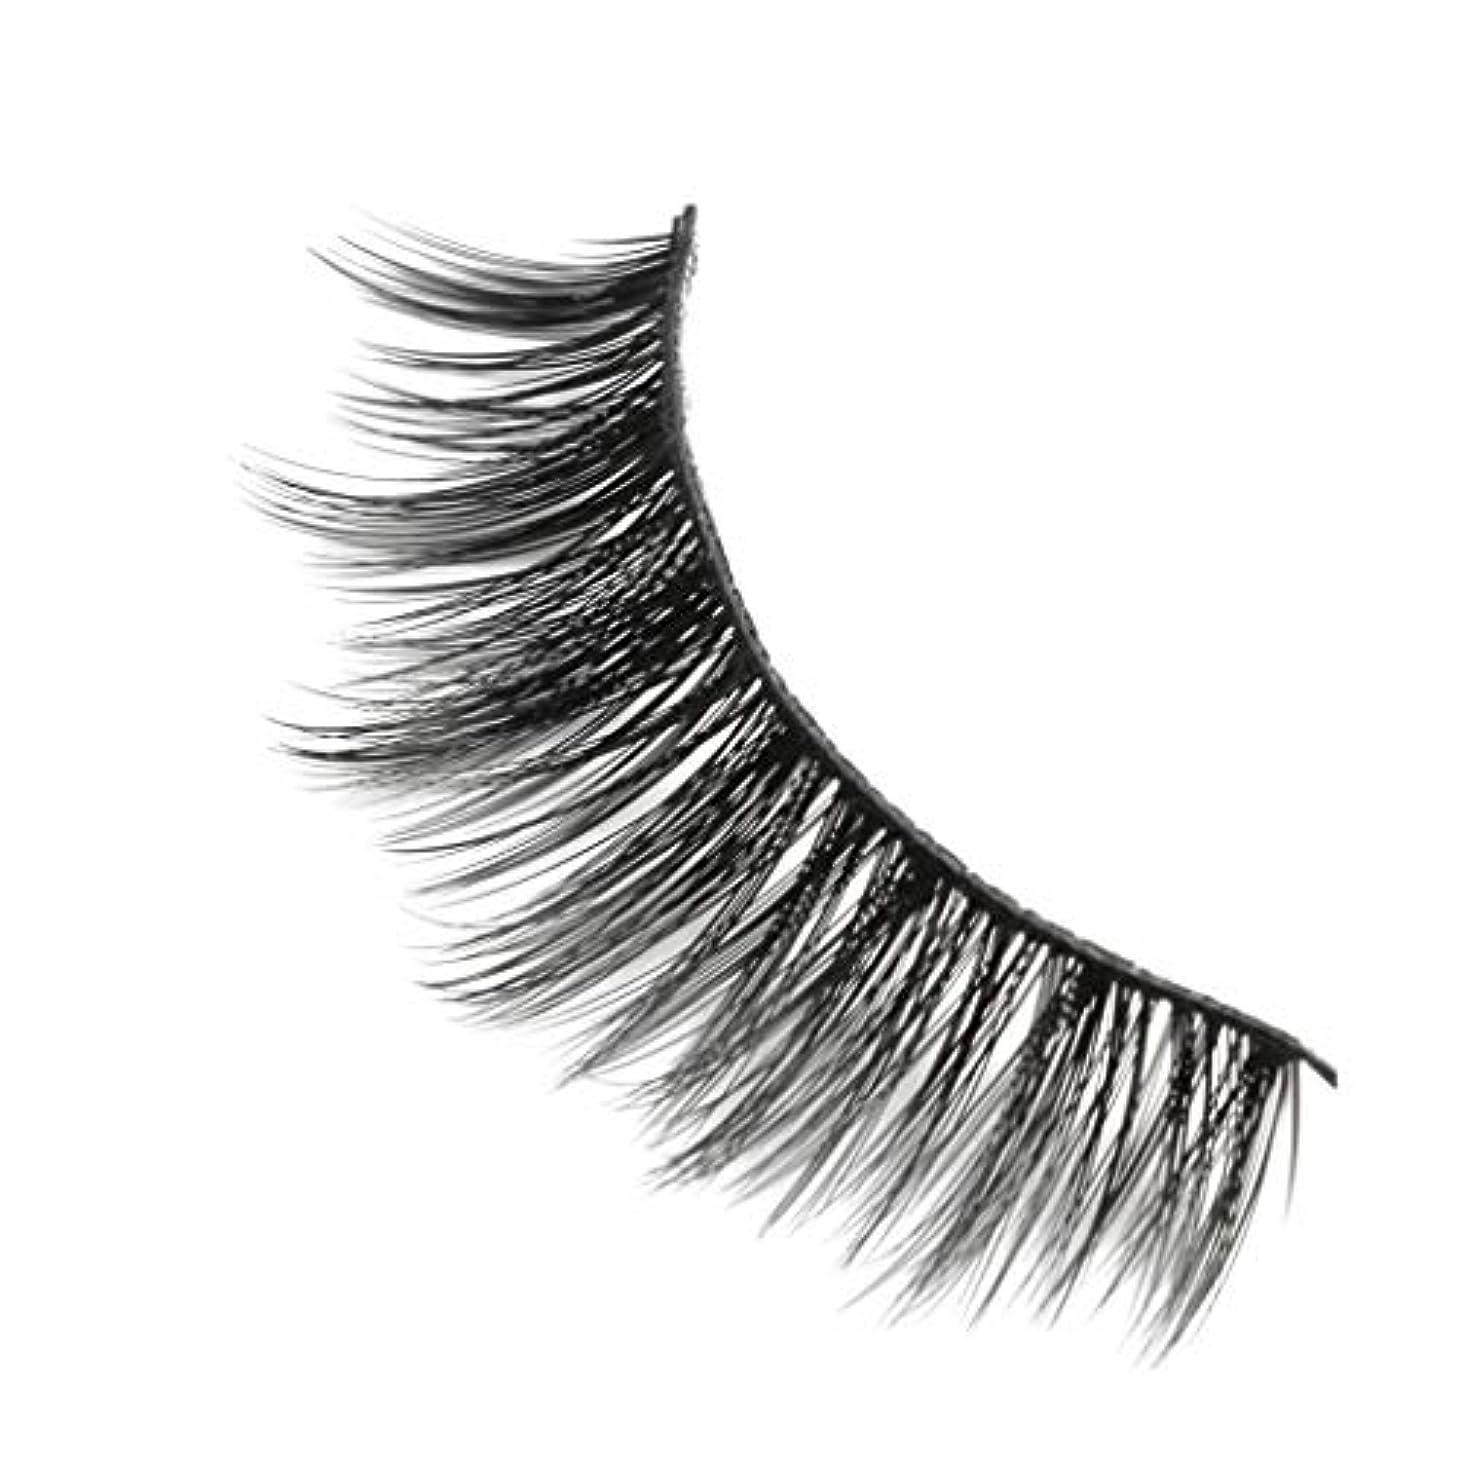 参加者ブリリアントトラップ柔らかい長い巻き毛と歪んだ多くの層まつげと3Dミンクの毛皮の10ペア